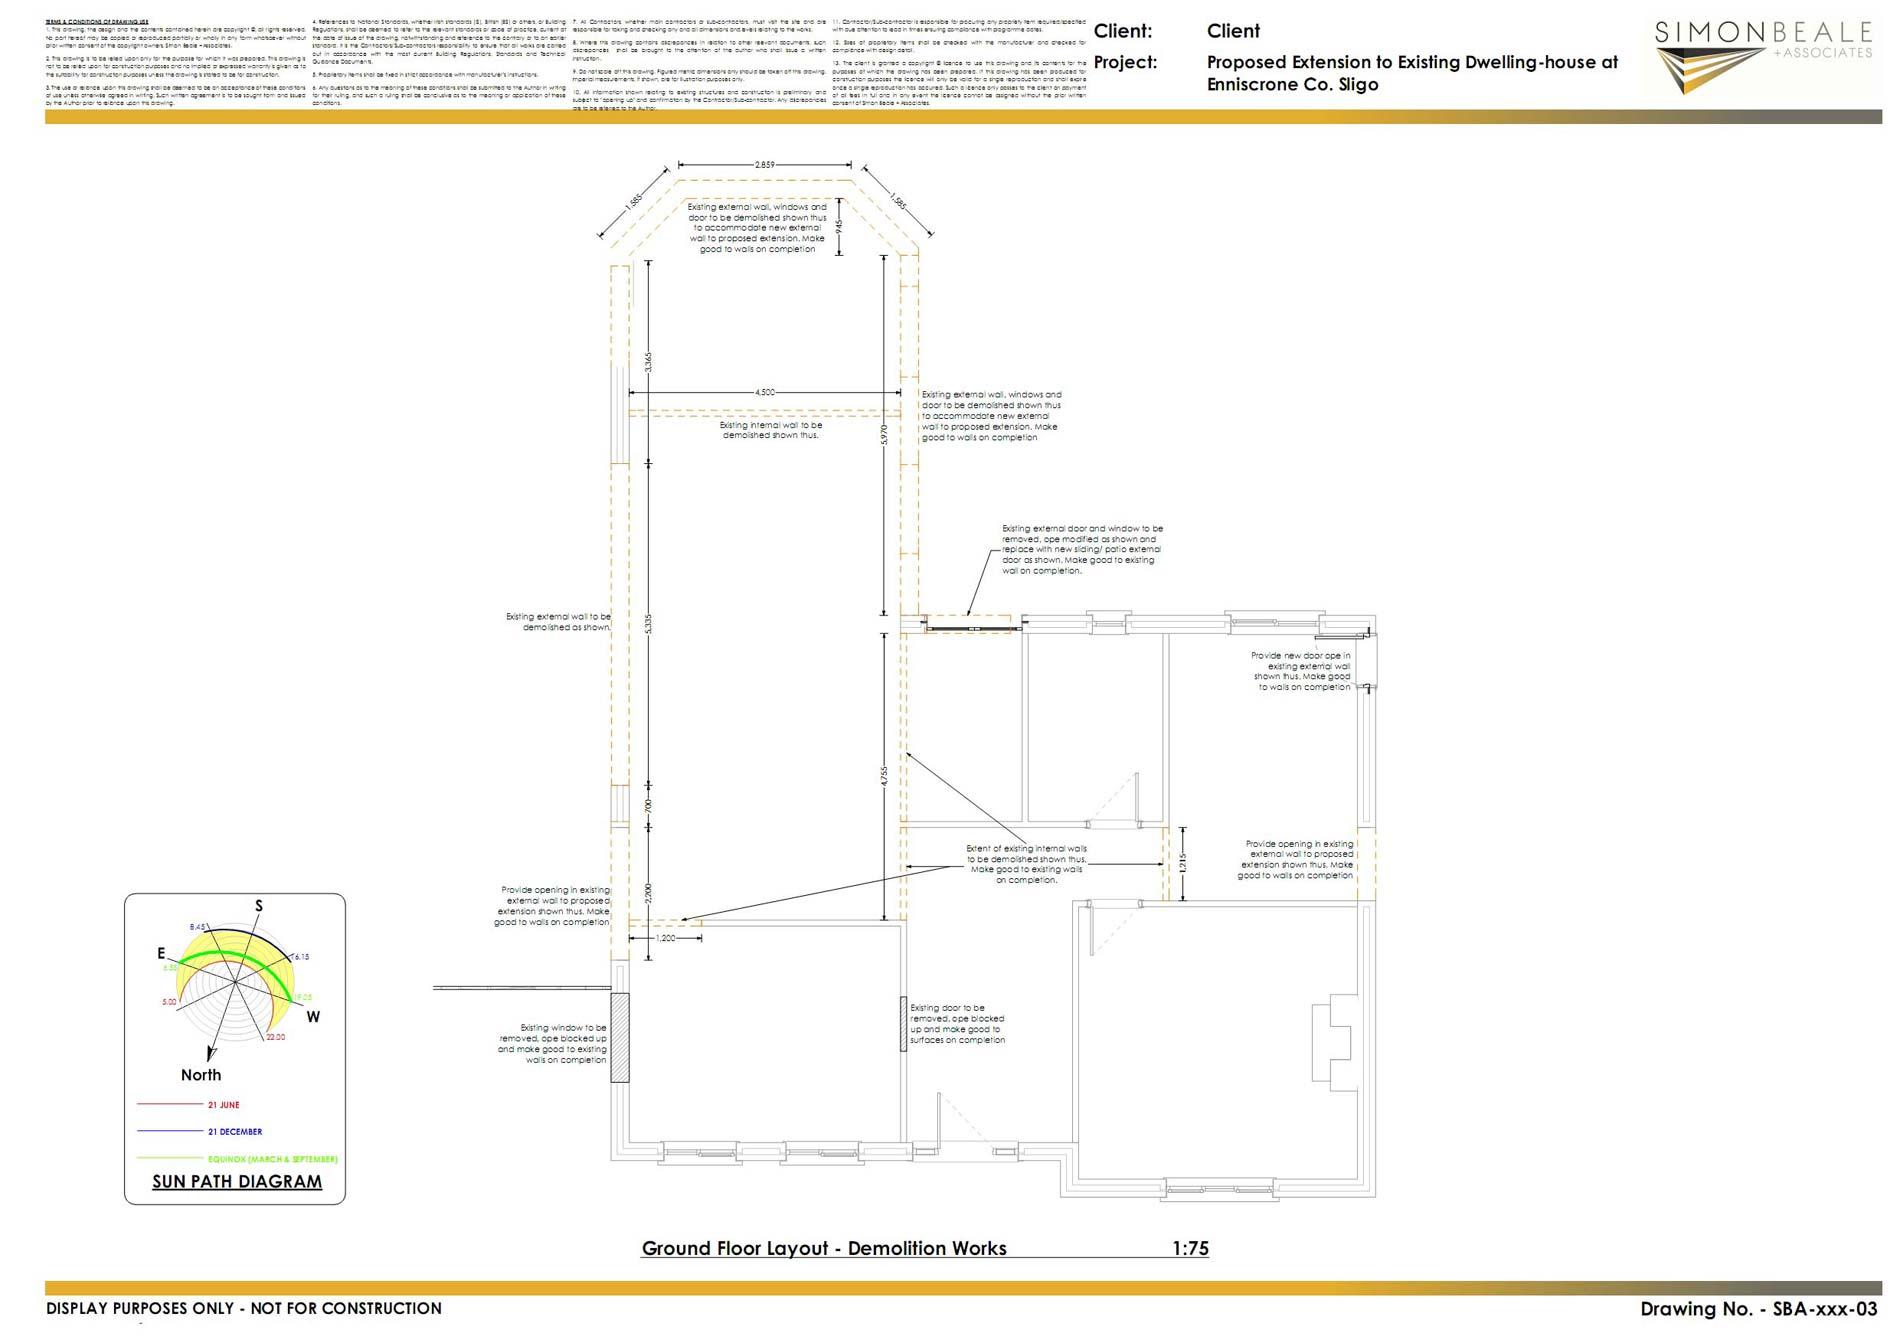 03 Ground Floor Layout - Demolition_pagenumber.001